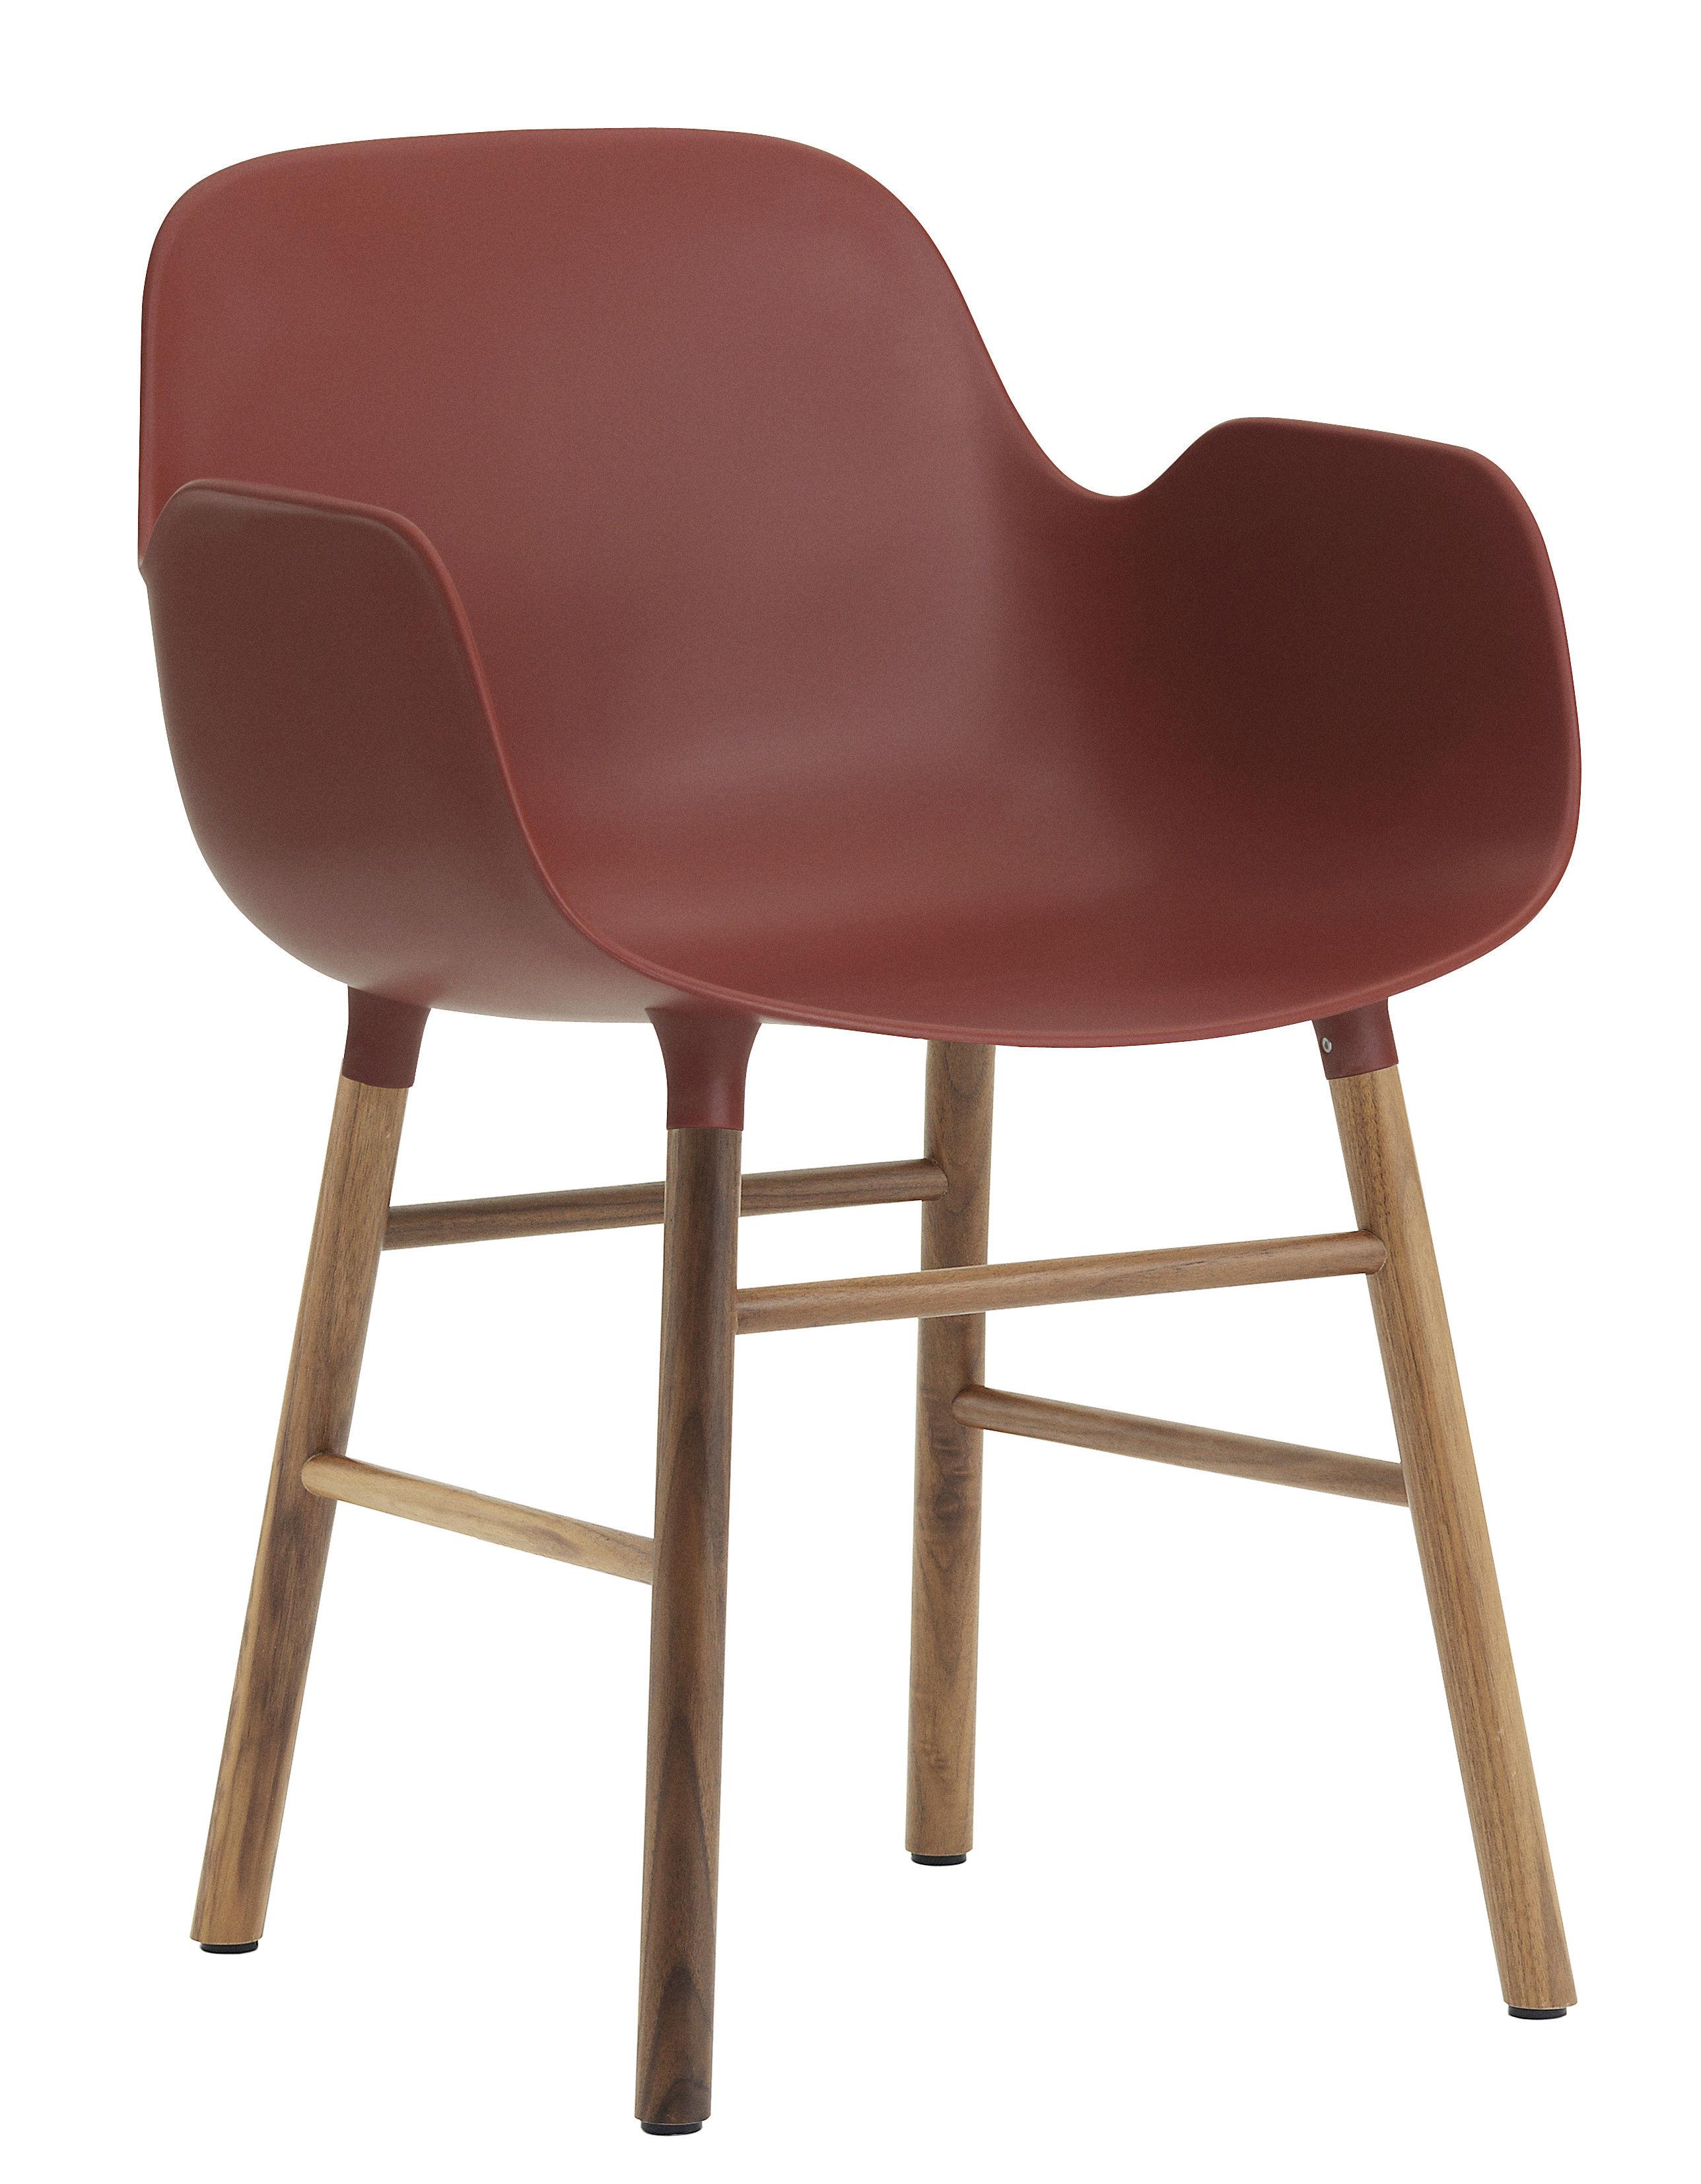 fauteuil form pied noyer rouge noyer normann copenhagen. Black Bedroom Furniture Sets. Home Design Ideas